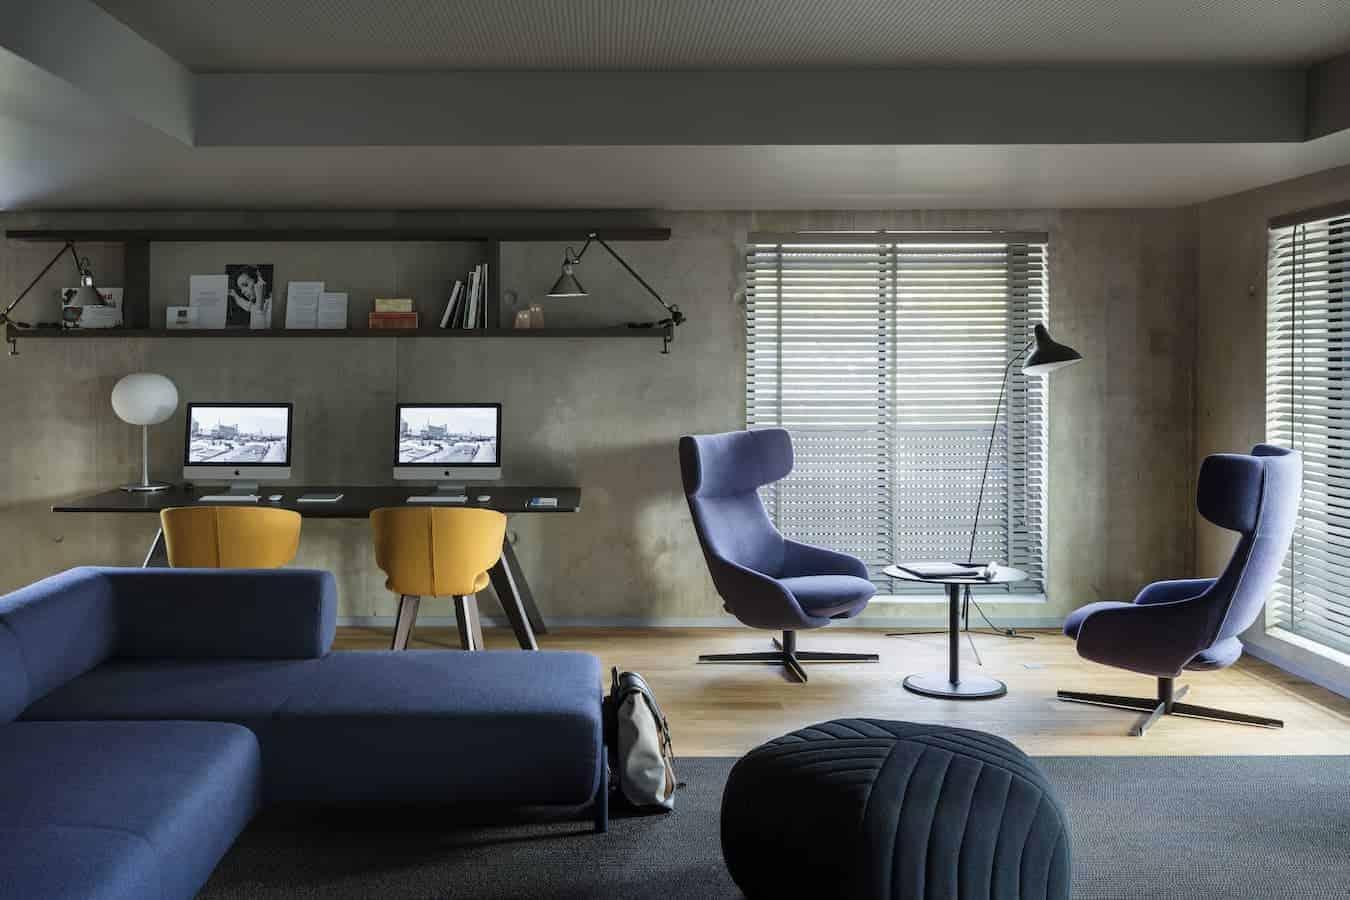 Okko Hôtel Strasbourg - Le Club est conçu comme une succession de petites zones cosy où travailler, se reposer, bouquiner ou encore prendre l'apéritif… comme à la maison. ©Jérôme Galland